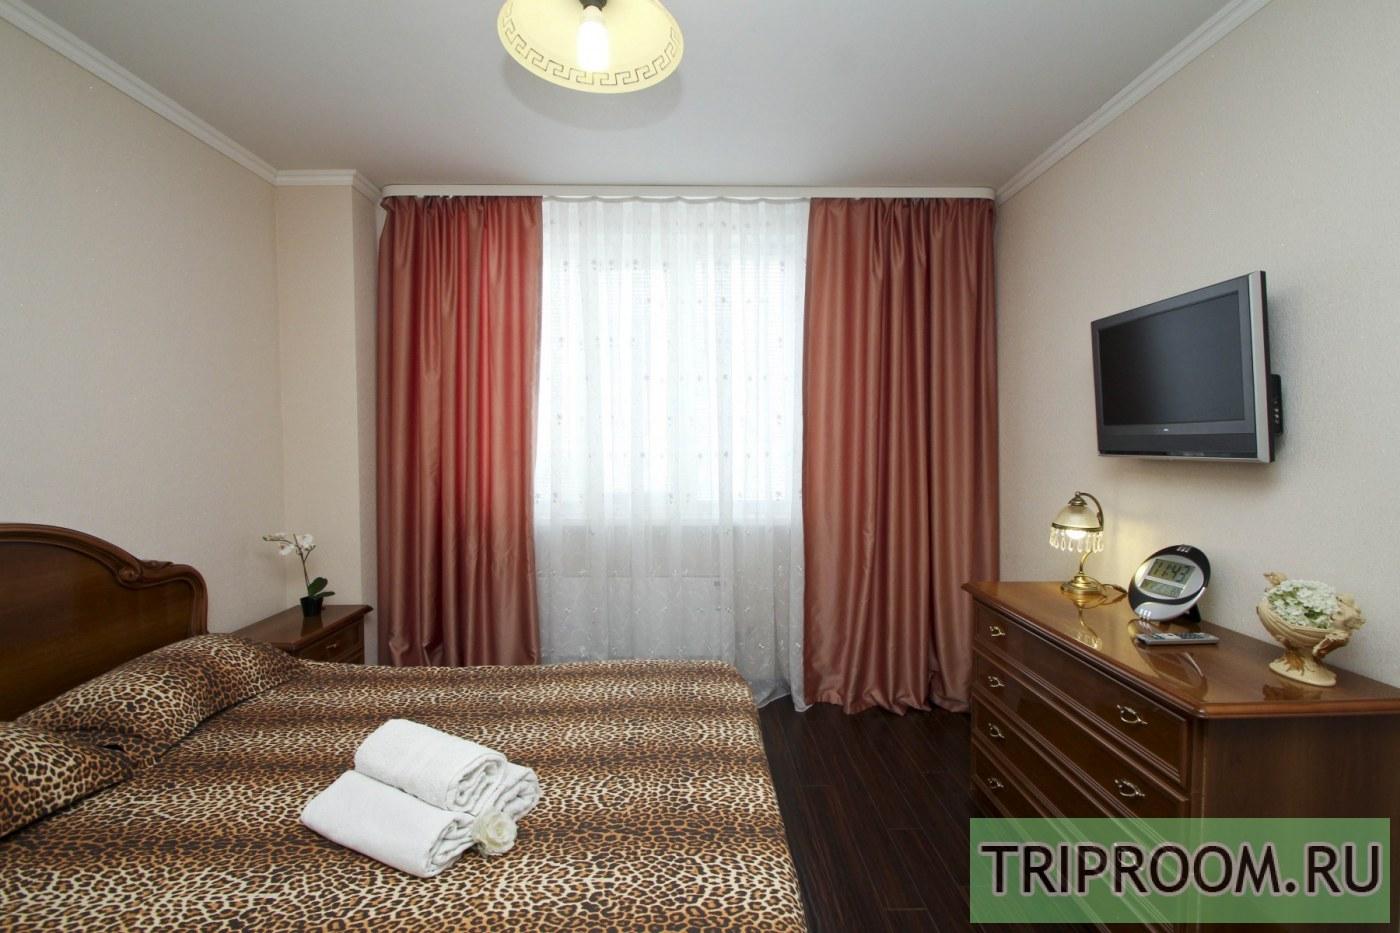 2-комнатная квартира посуточно (вариант № 37513), ул. Университетская улица, фото № 2